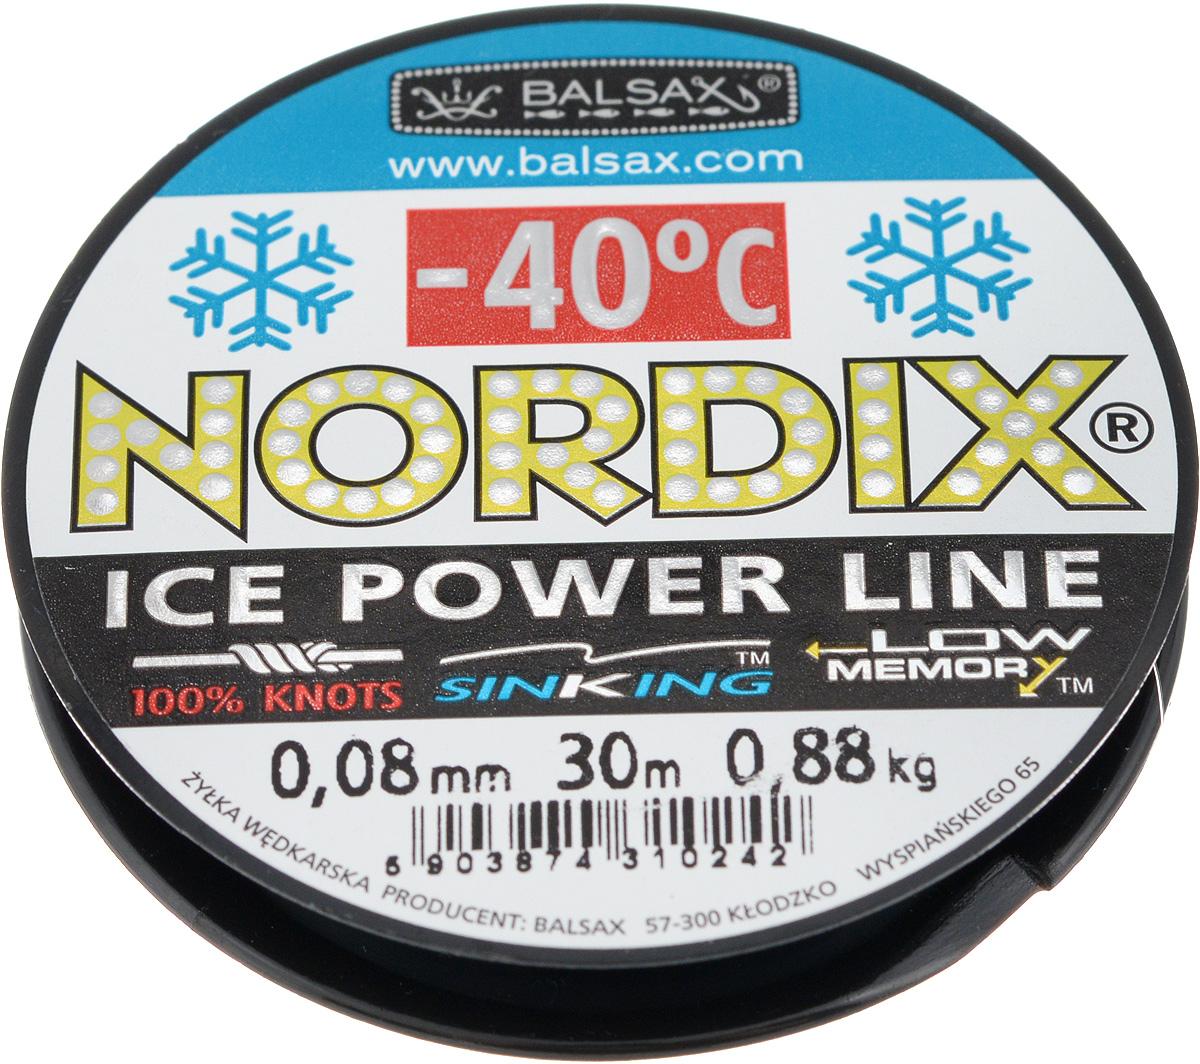 Леска зимняя Balsax Nordix, 30 м, 0,08 мм, 0,88 кгPGPS7797CIS08GBNVЛеска Balsax Nordix изготовлена из 100% нейлона и очень хорошо выдерживает низкие температуры. Даже в самом холодном климате, при температуре вплоть до -40°C, она сохраняет свои свойства практически без изменений, в то время как традиционные лески становятся менее эластичными и теряют прочность.Поверхность лески обработана таким образом, что она не обмерзает и отлично подходит для подледного лова. Прочна в местах вязки узлов даже при минимальном диаметре.